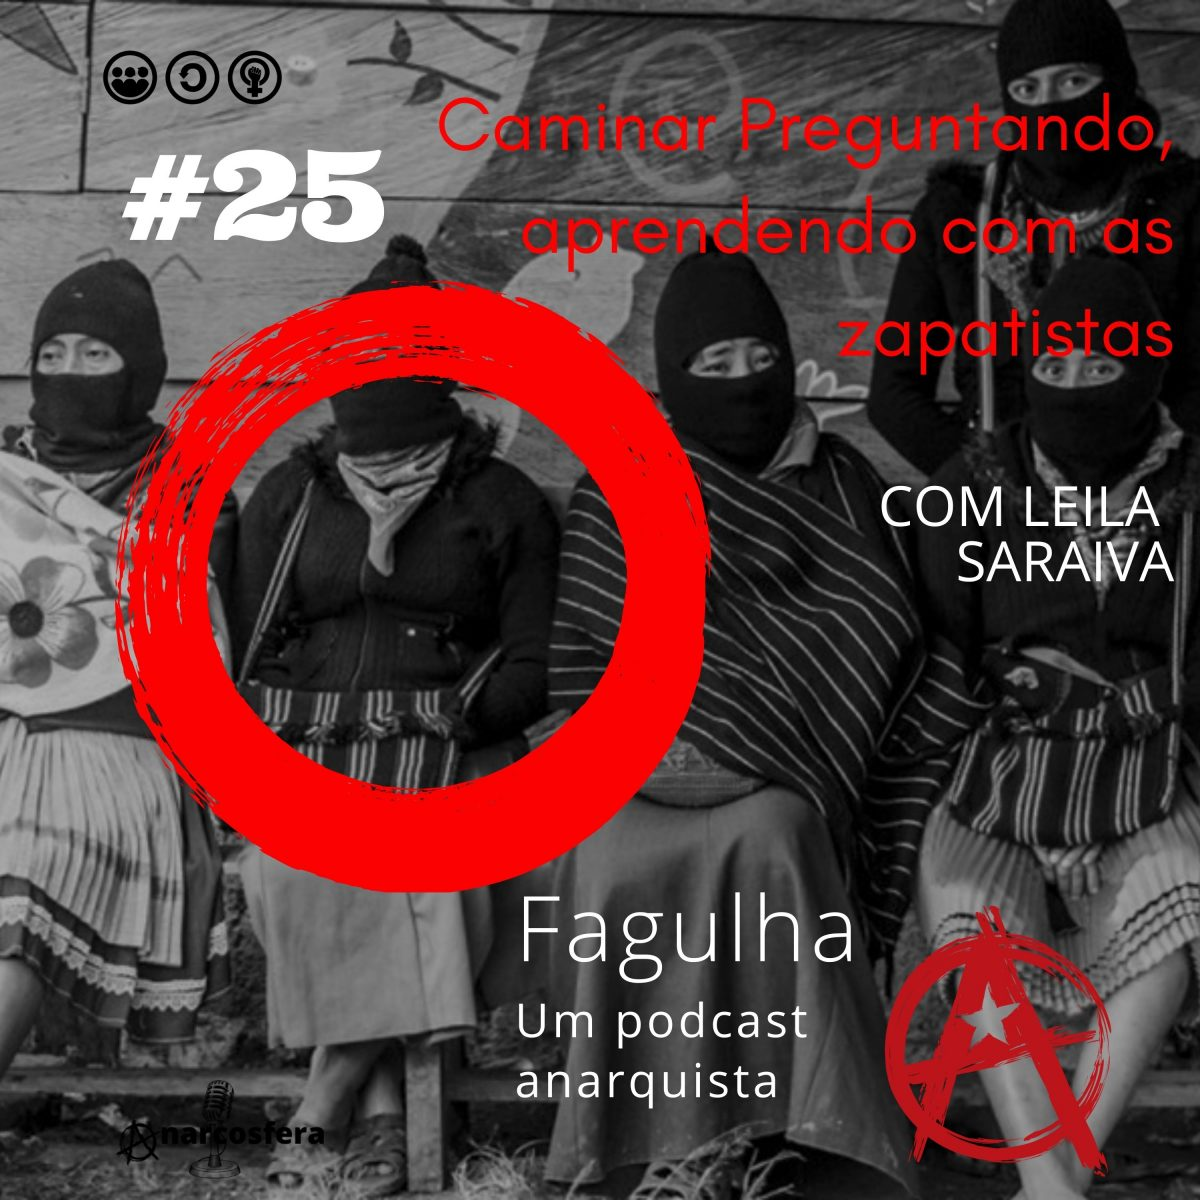 Fagulha #25: Caminar Preguntando, aprender com as zapatistas, com Leila Saraiva